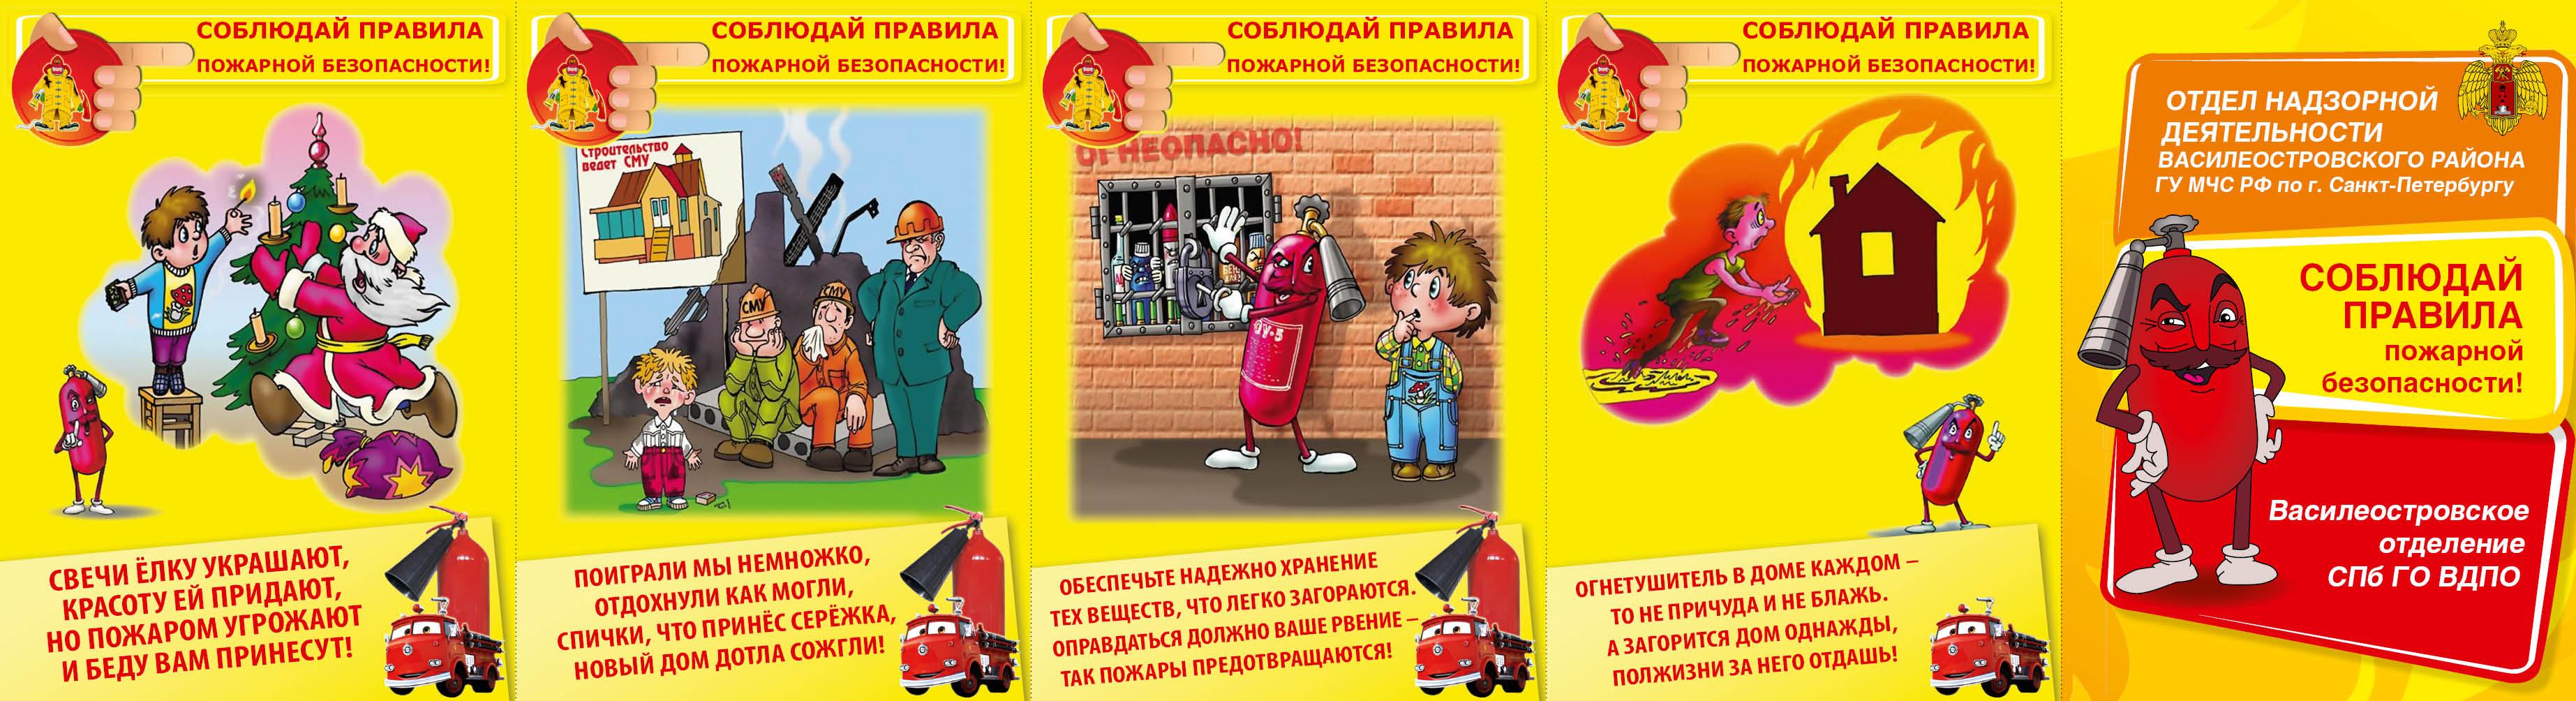 пожарная безопасность при производстве сахара курсовая